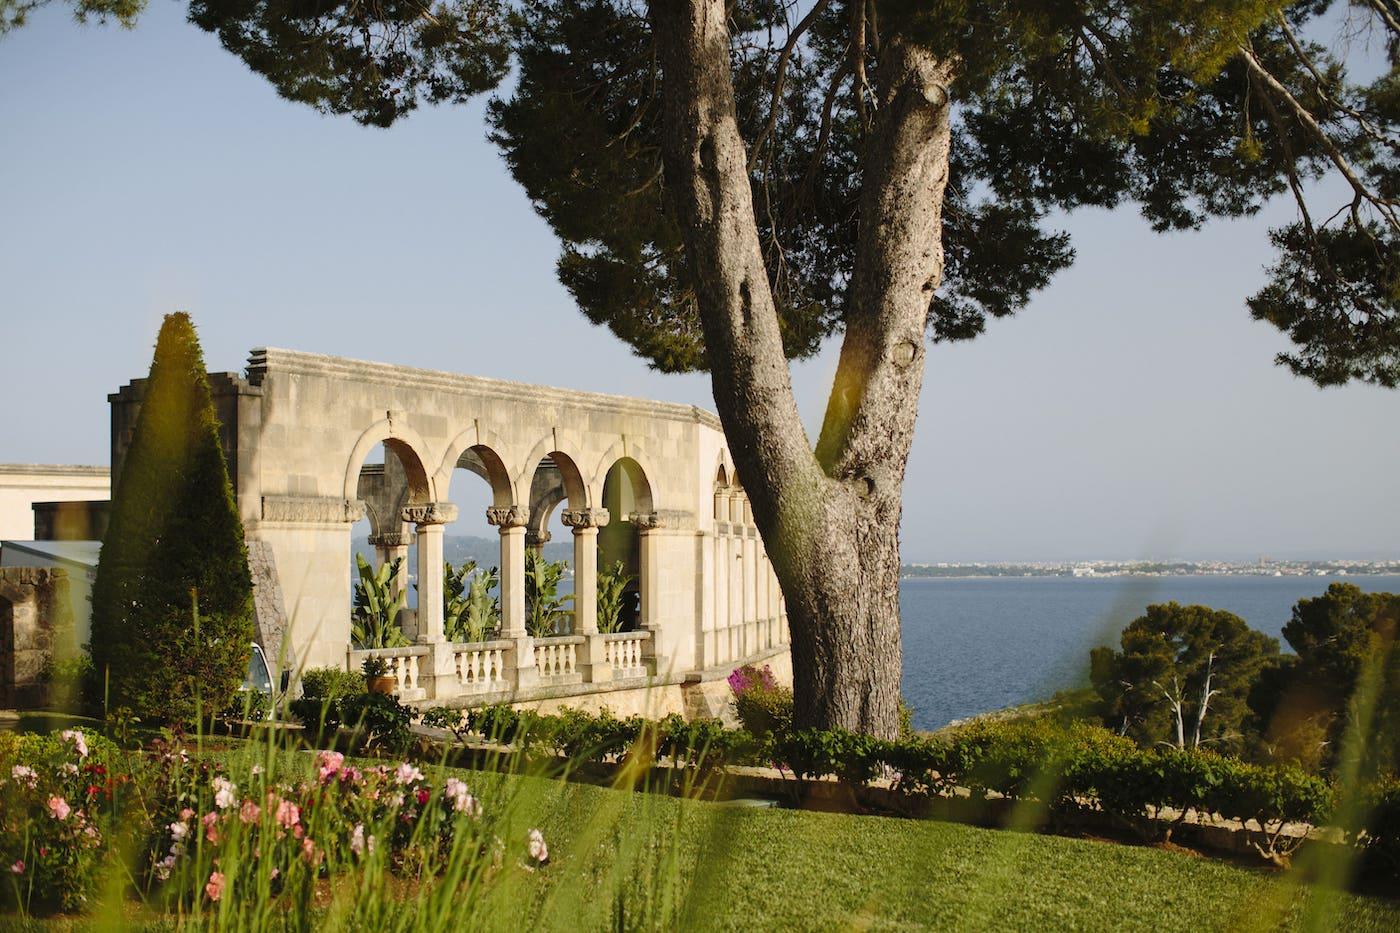 la fortaleza pollensa for luxury event and wedding in Mallorca